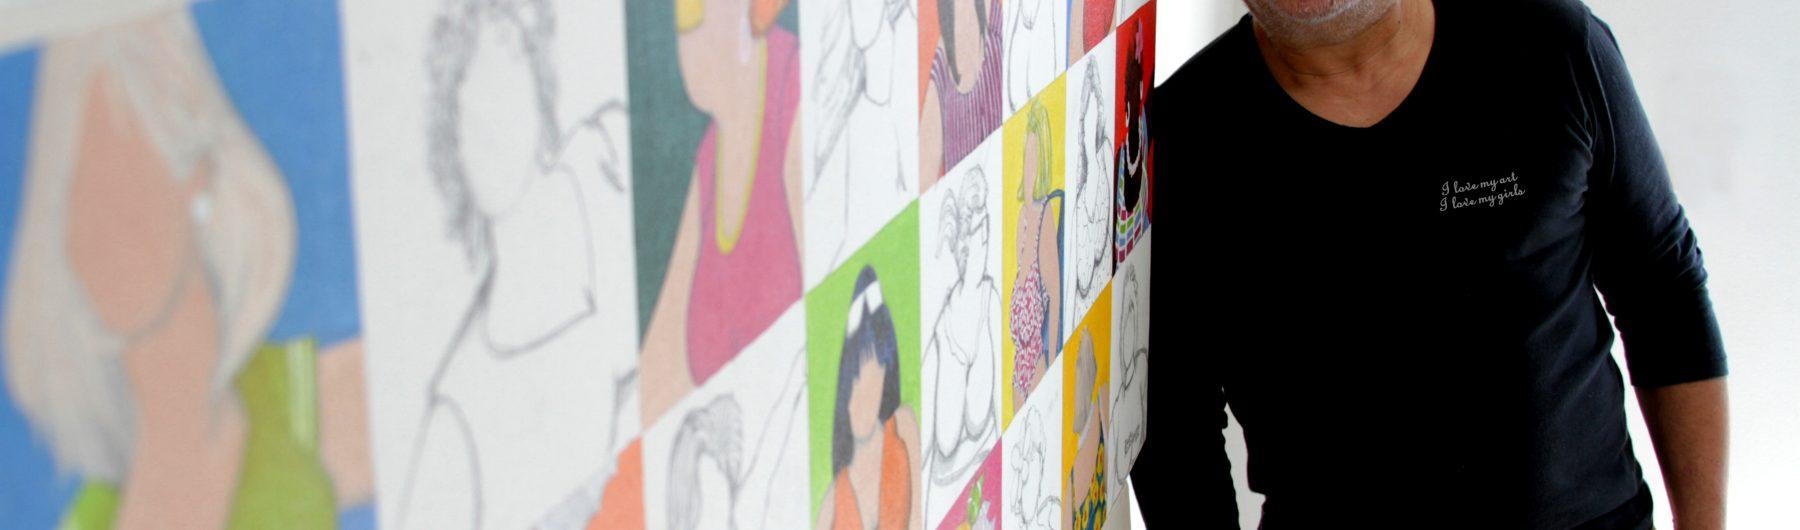 artista-plastico-dudu-rodrigues-01